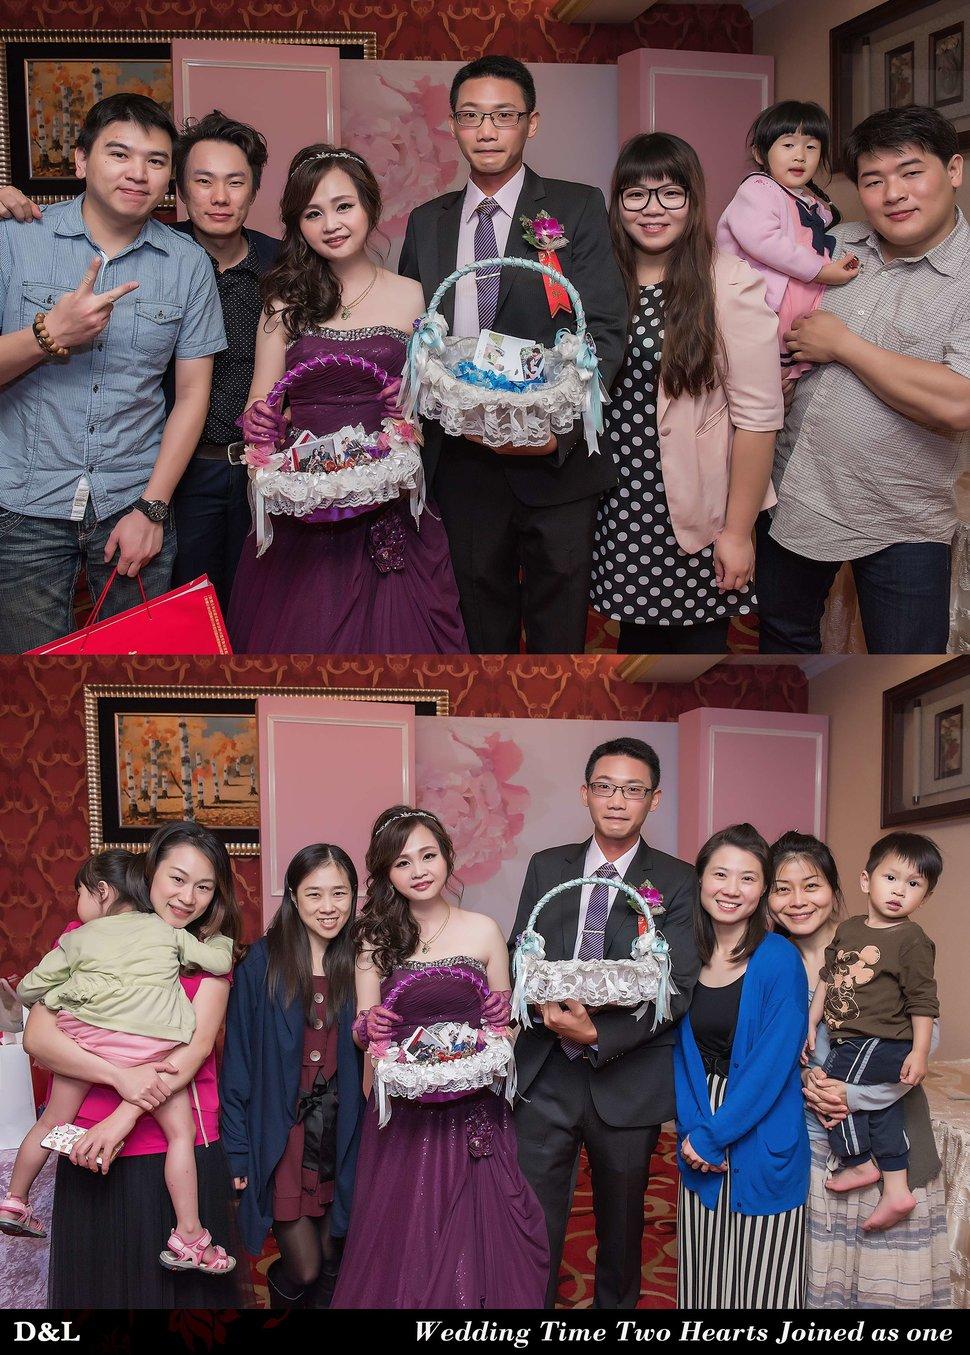 婚禮記錄 錦全&昀臻(編號:6079) - D&L 婚禮事務-婚紗攝影/婚禮記錄 - 結婚吧一站式婚禮服務平台